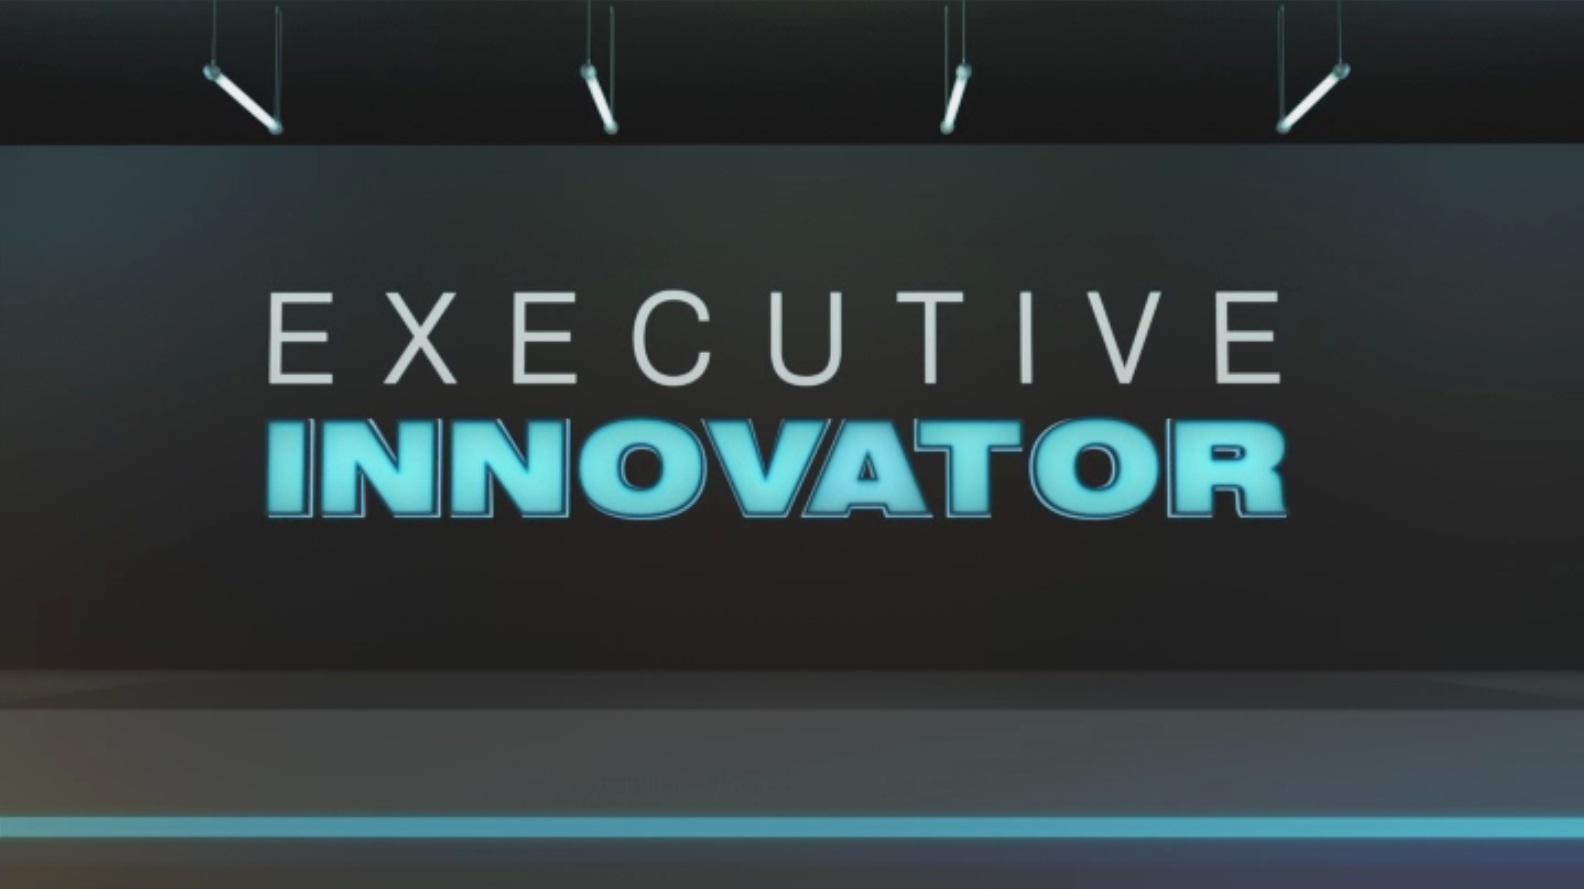 新しいアイディアに挑むビジネスリーダーを特集する「EXECUTIVE INNOVATOR」